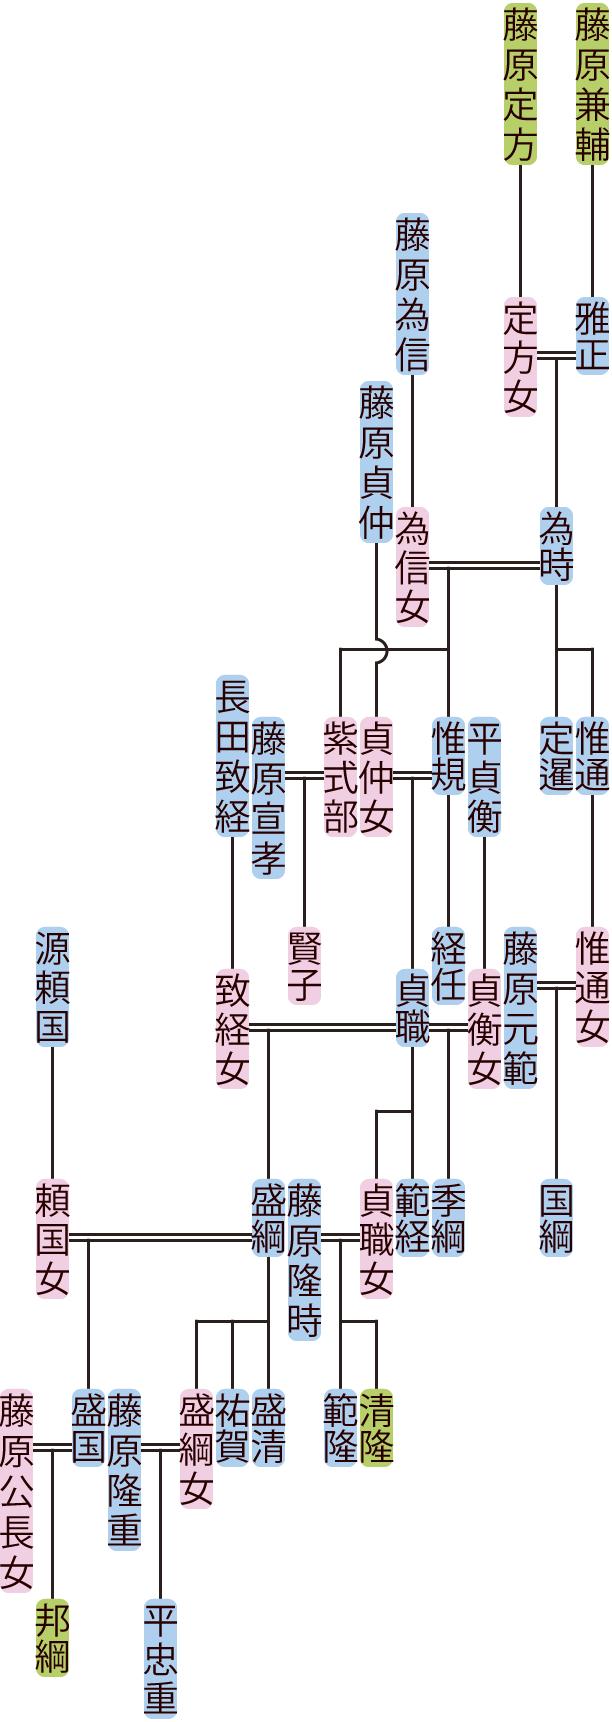 藤原為時~盛綱の系図